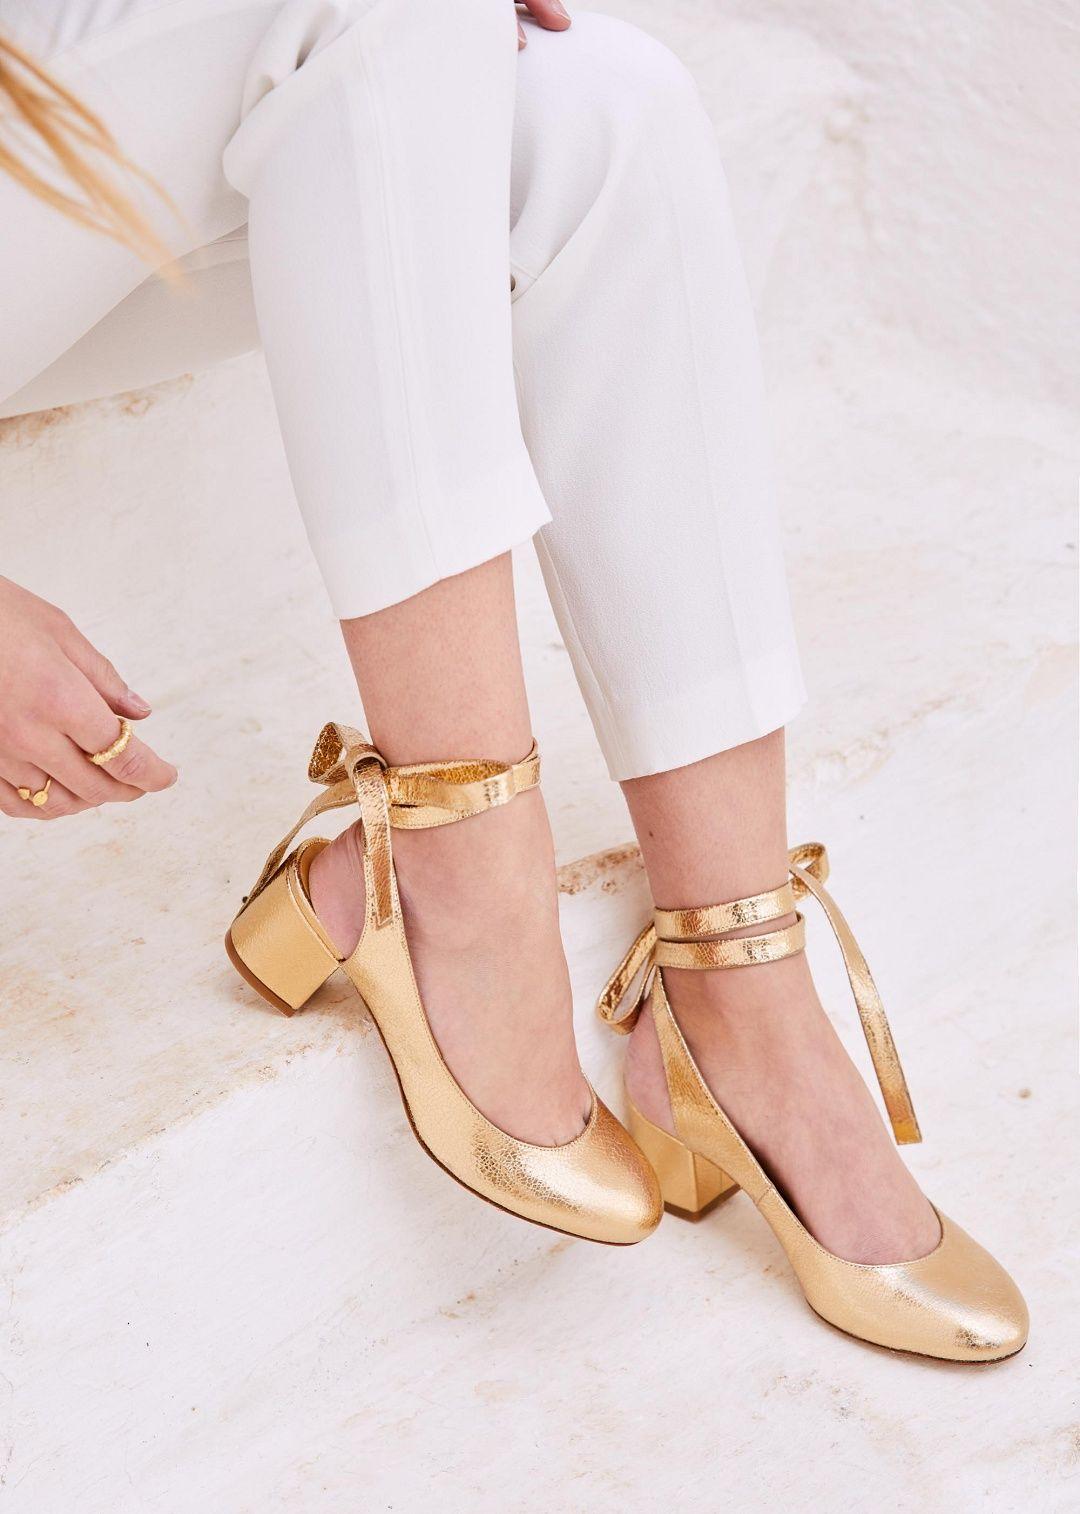 prix abordable mieux emballage élégant et robuste Sézane - Nina courts   shoes   Sezane escarpins, Sezane et ...